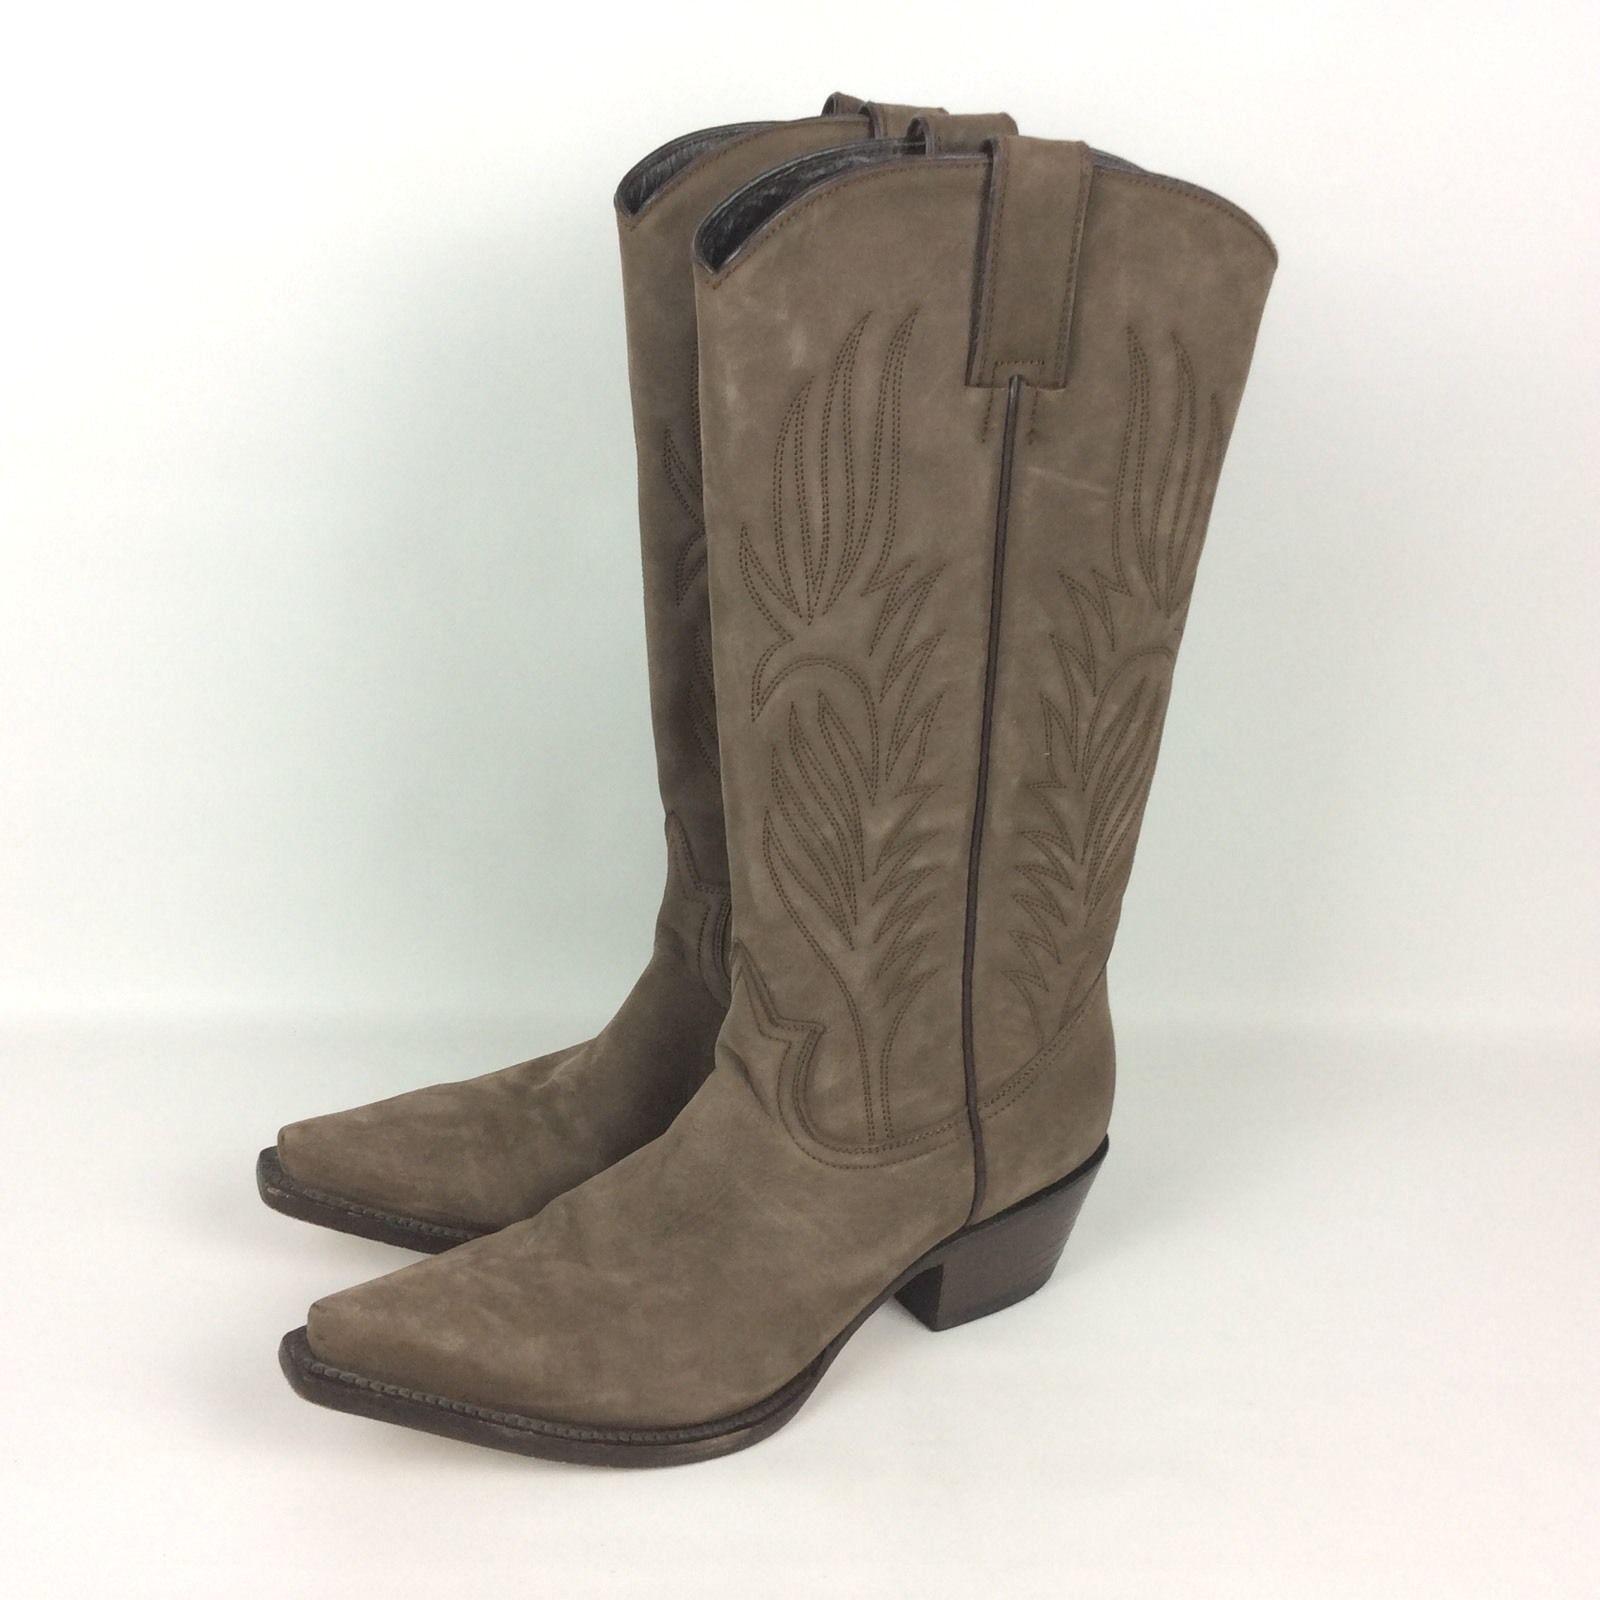 Steve Madden Lonestar Stiefel 7.5 M Western Cowboy Braun Taupe Suede Leder